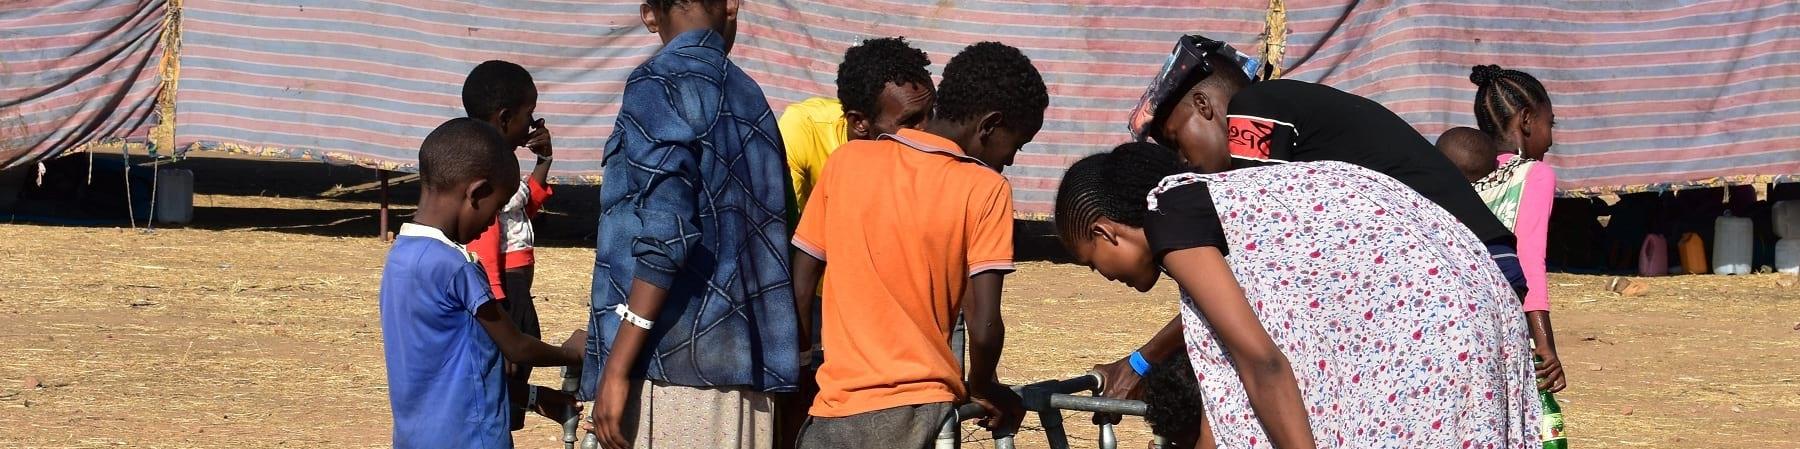 un gruppo di bambini e ragazzi etiopi in un campo per rifugiati si affollano intorno a una fonte d'acqua per raccoglierla con le taniche